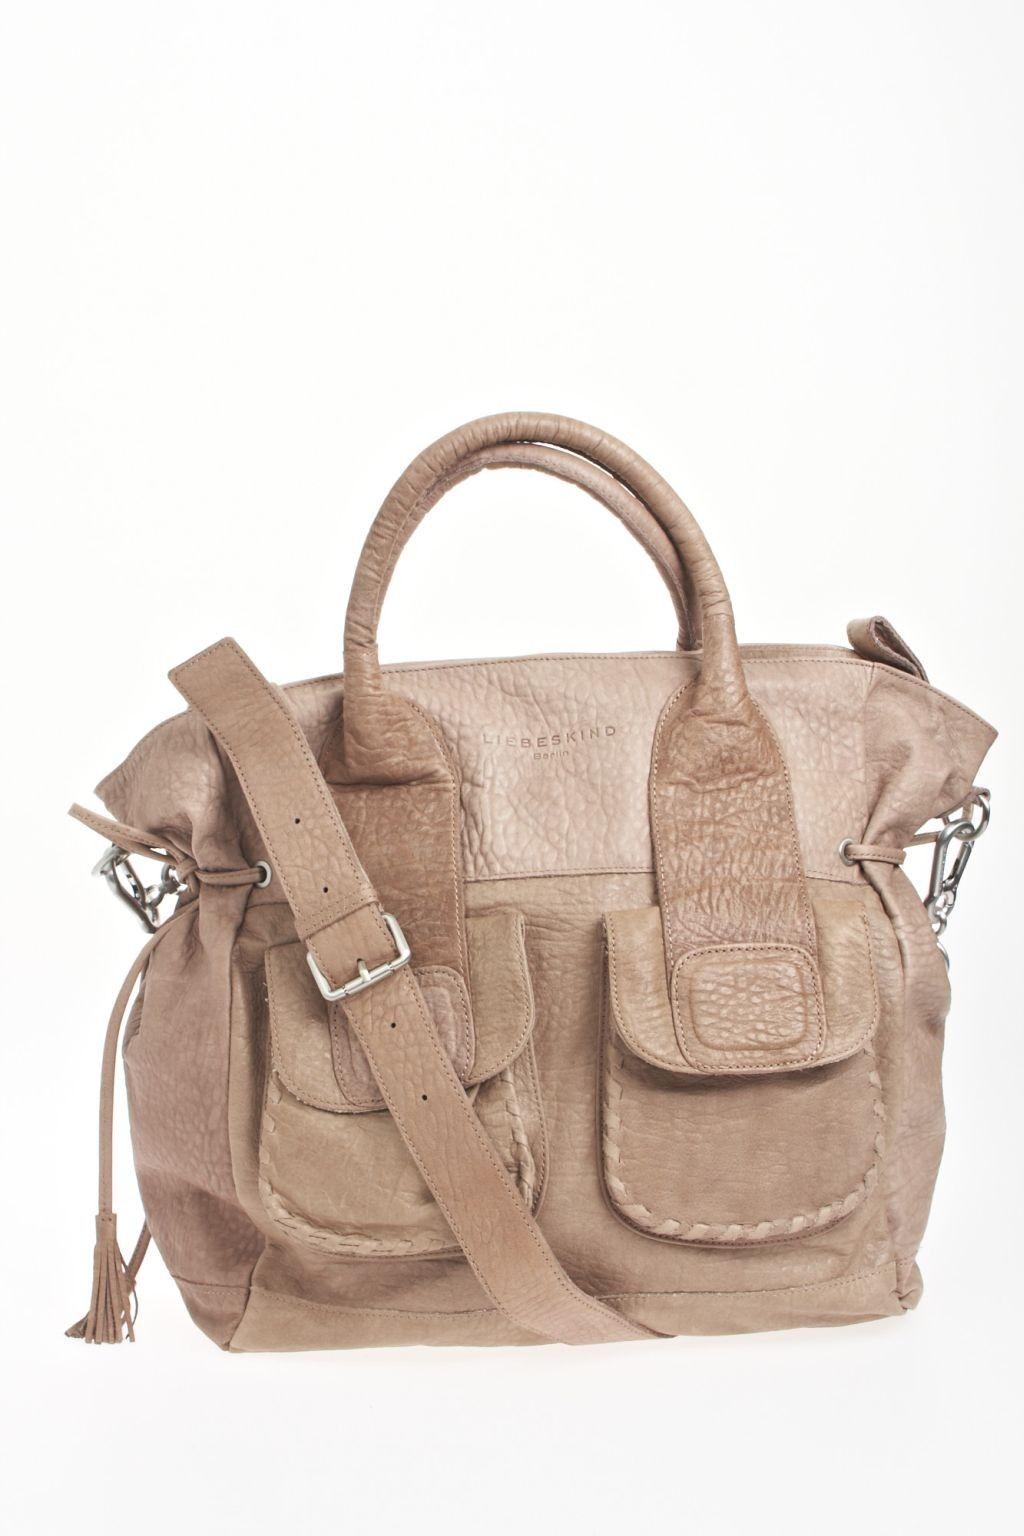 4497927e4bde56 Liebeskind - Berlin Tasche Model: KAYA BUBBLE NUBUCK   eBay   style ...